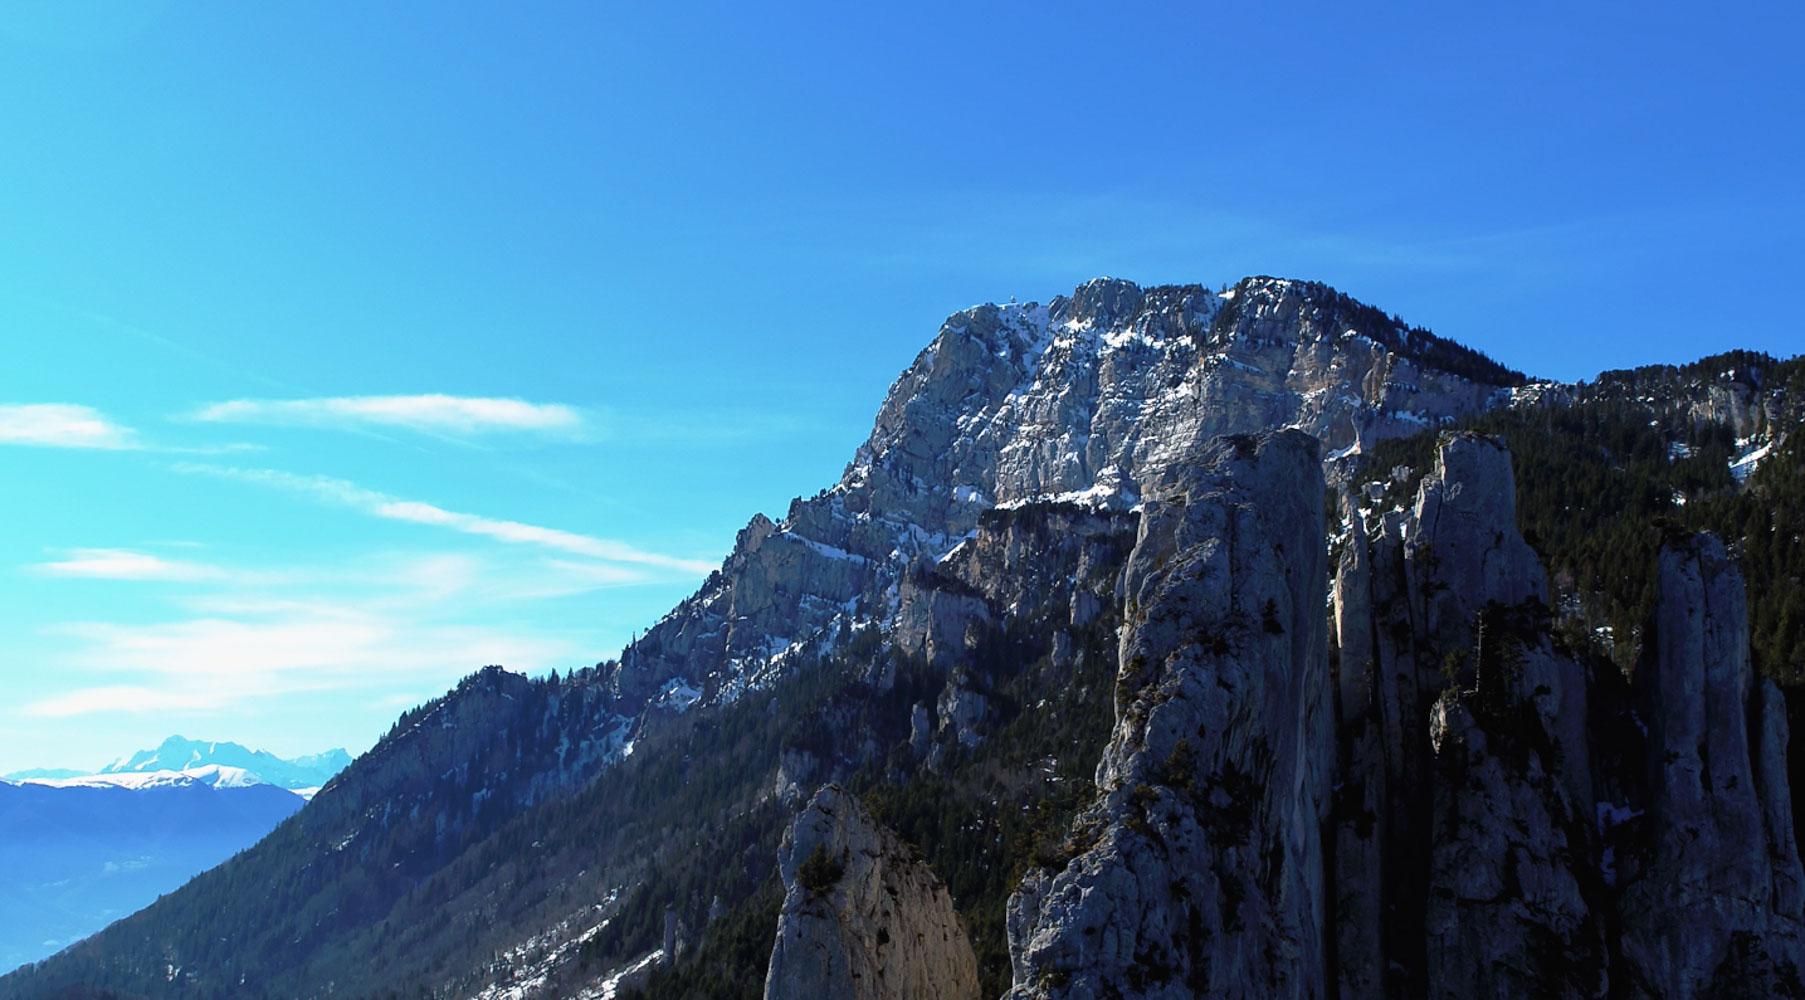 montagne isère pour film sur le département